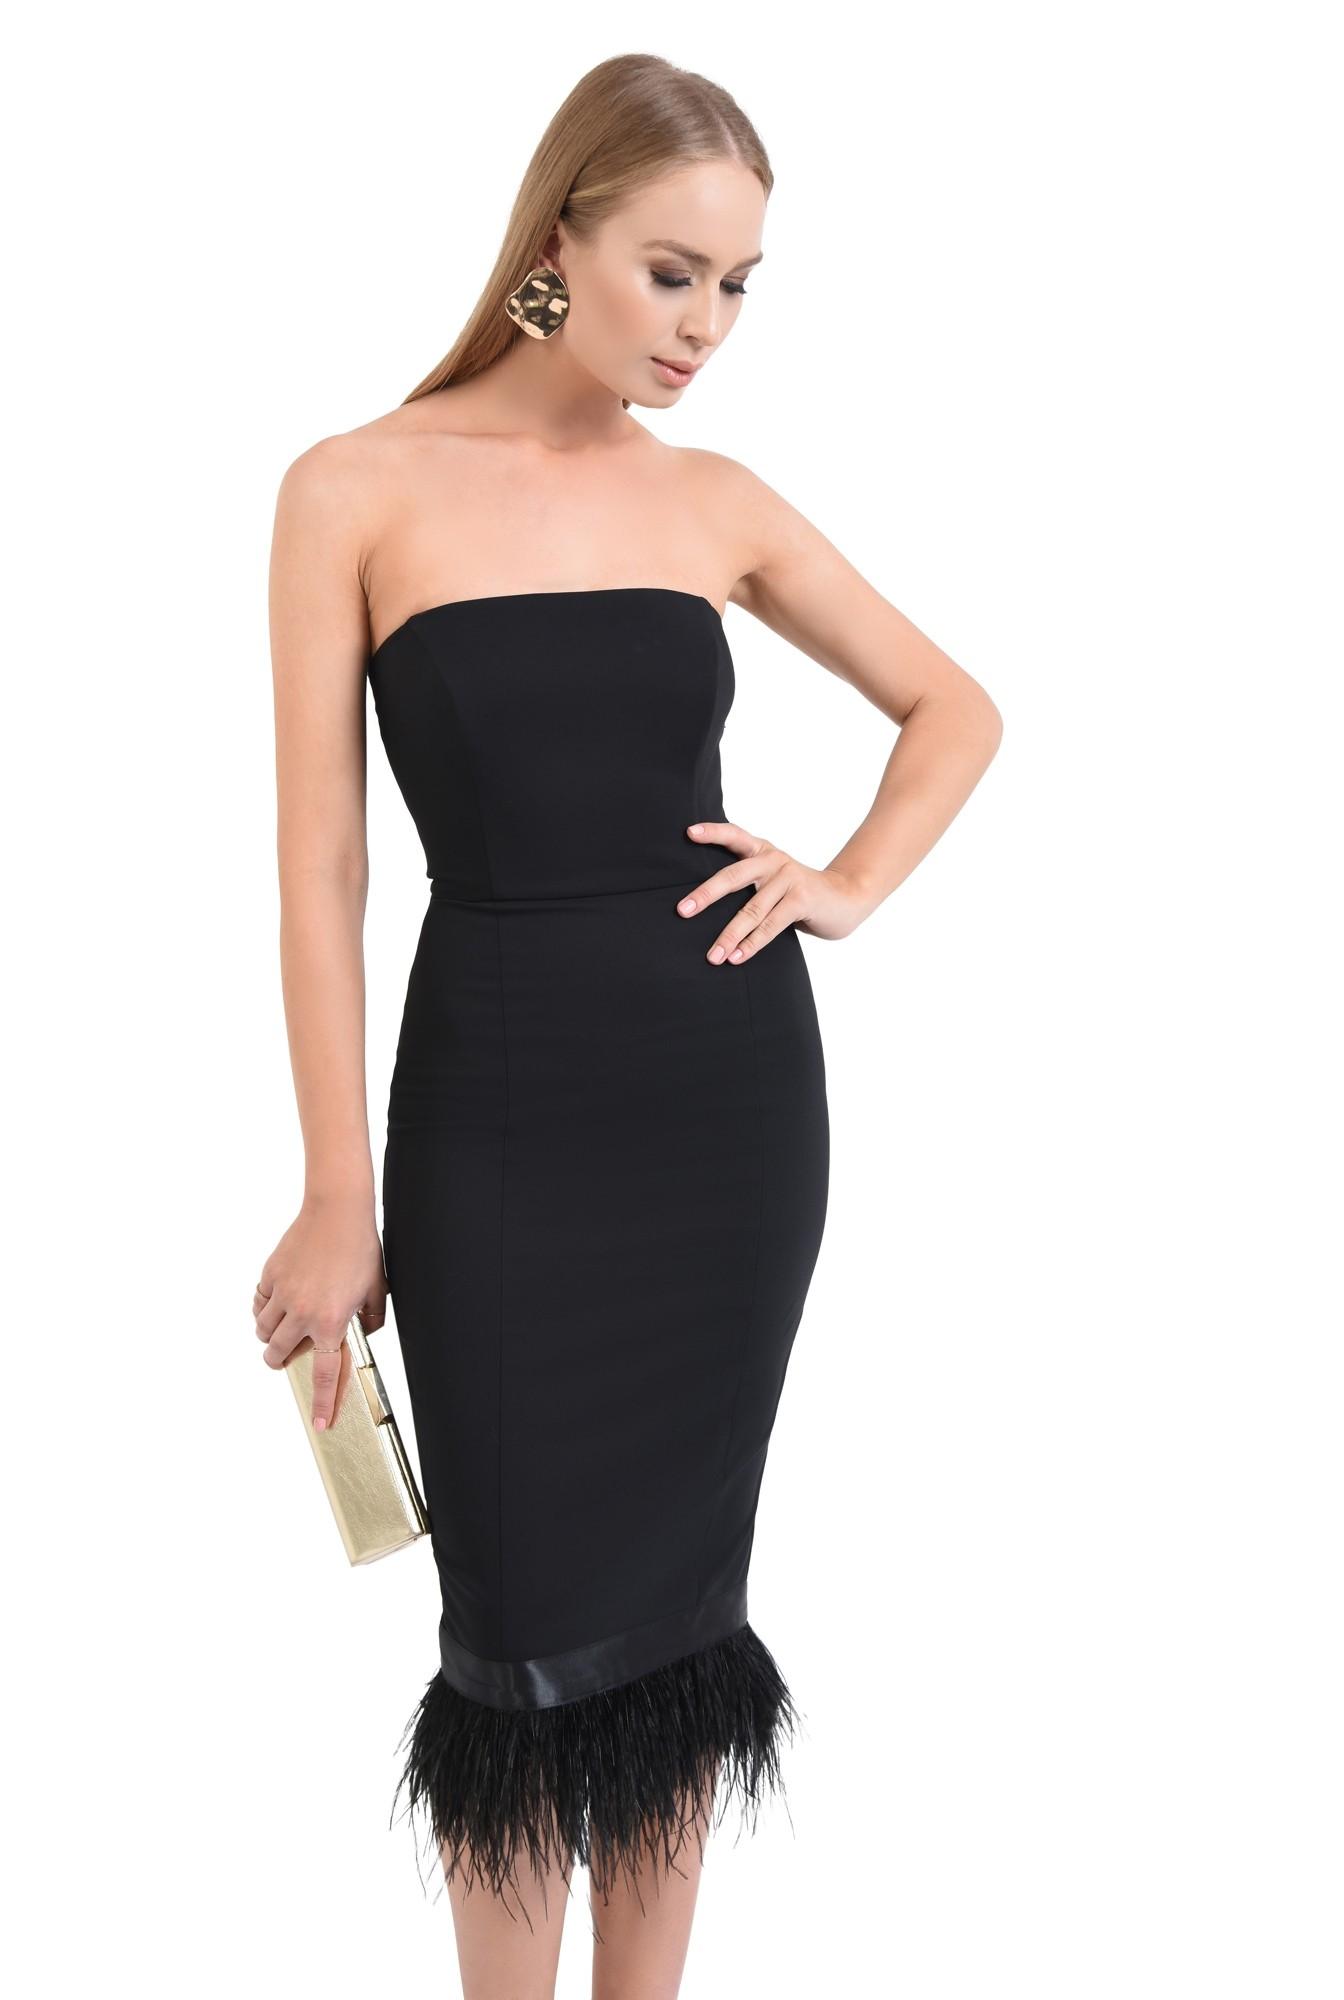 0 - rochie eleganta, negru, corset